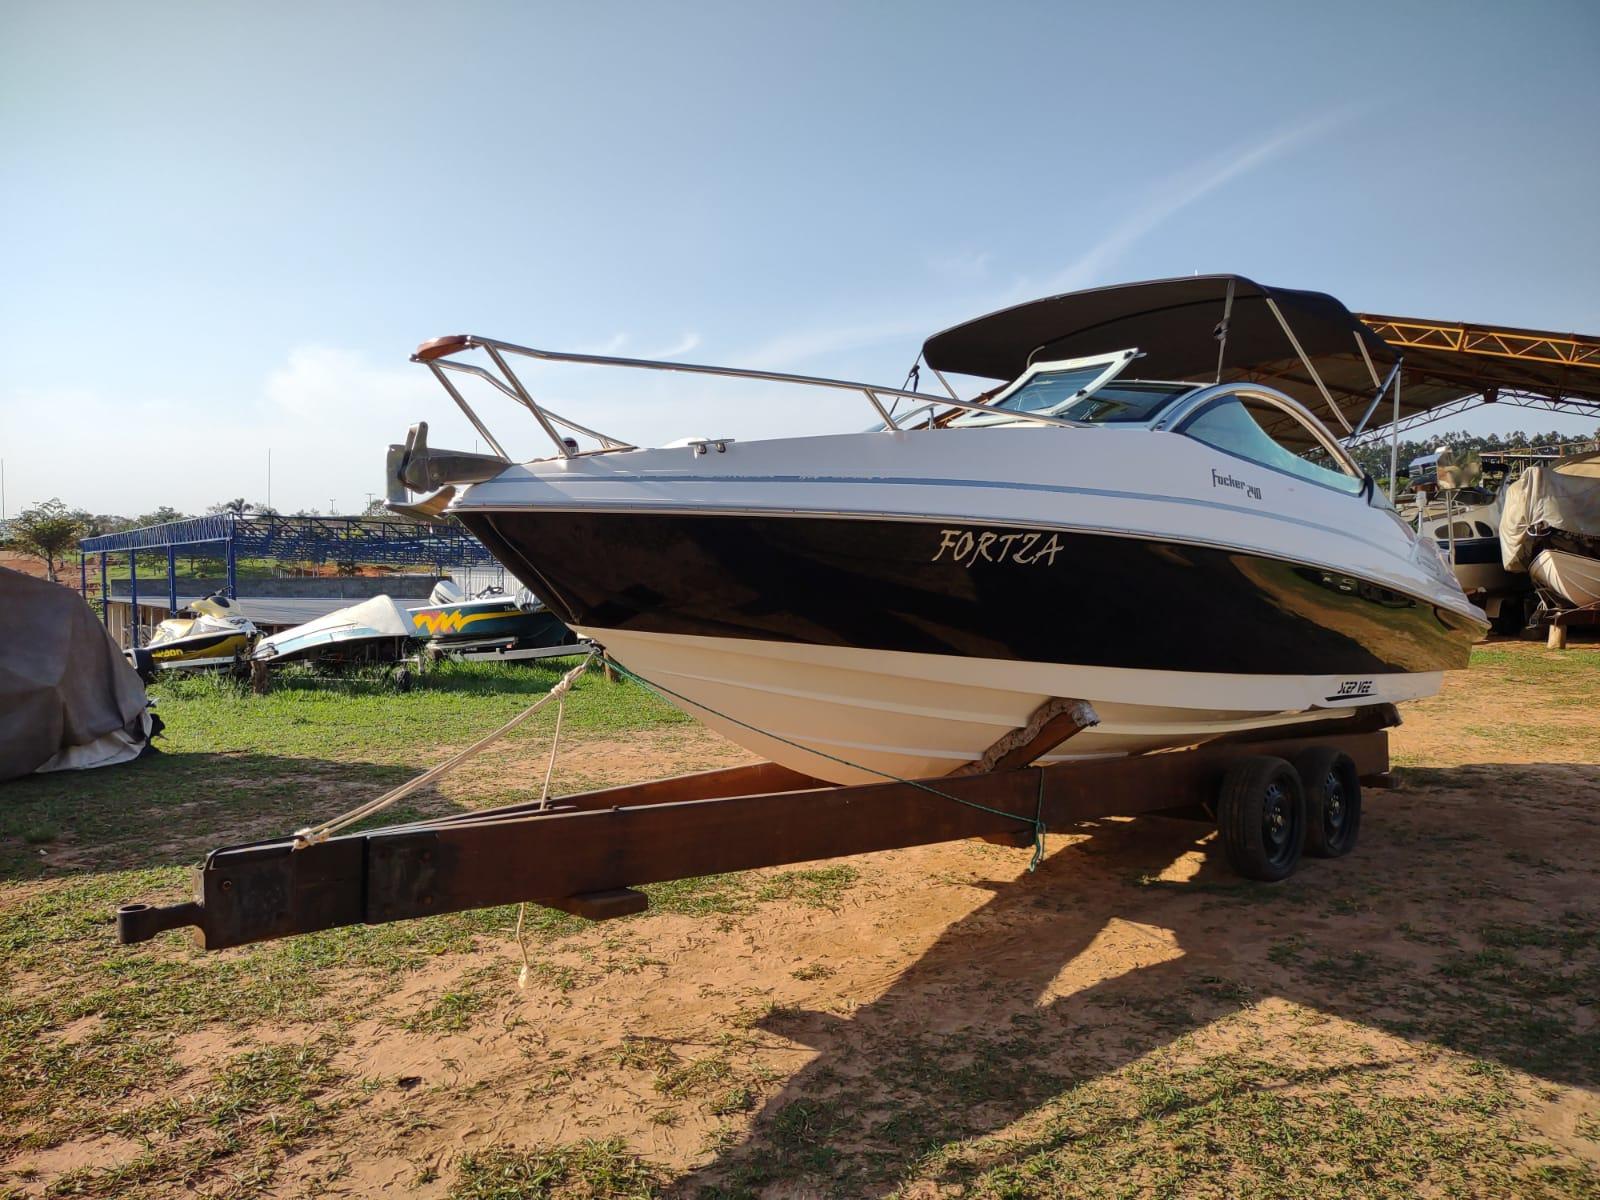 Fibrafort Focker 240